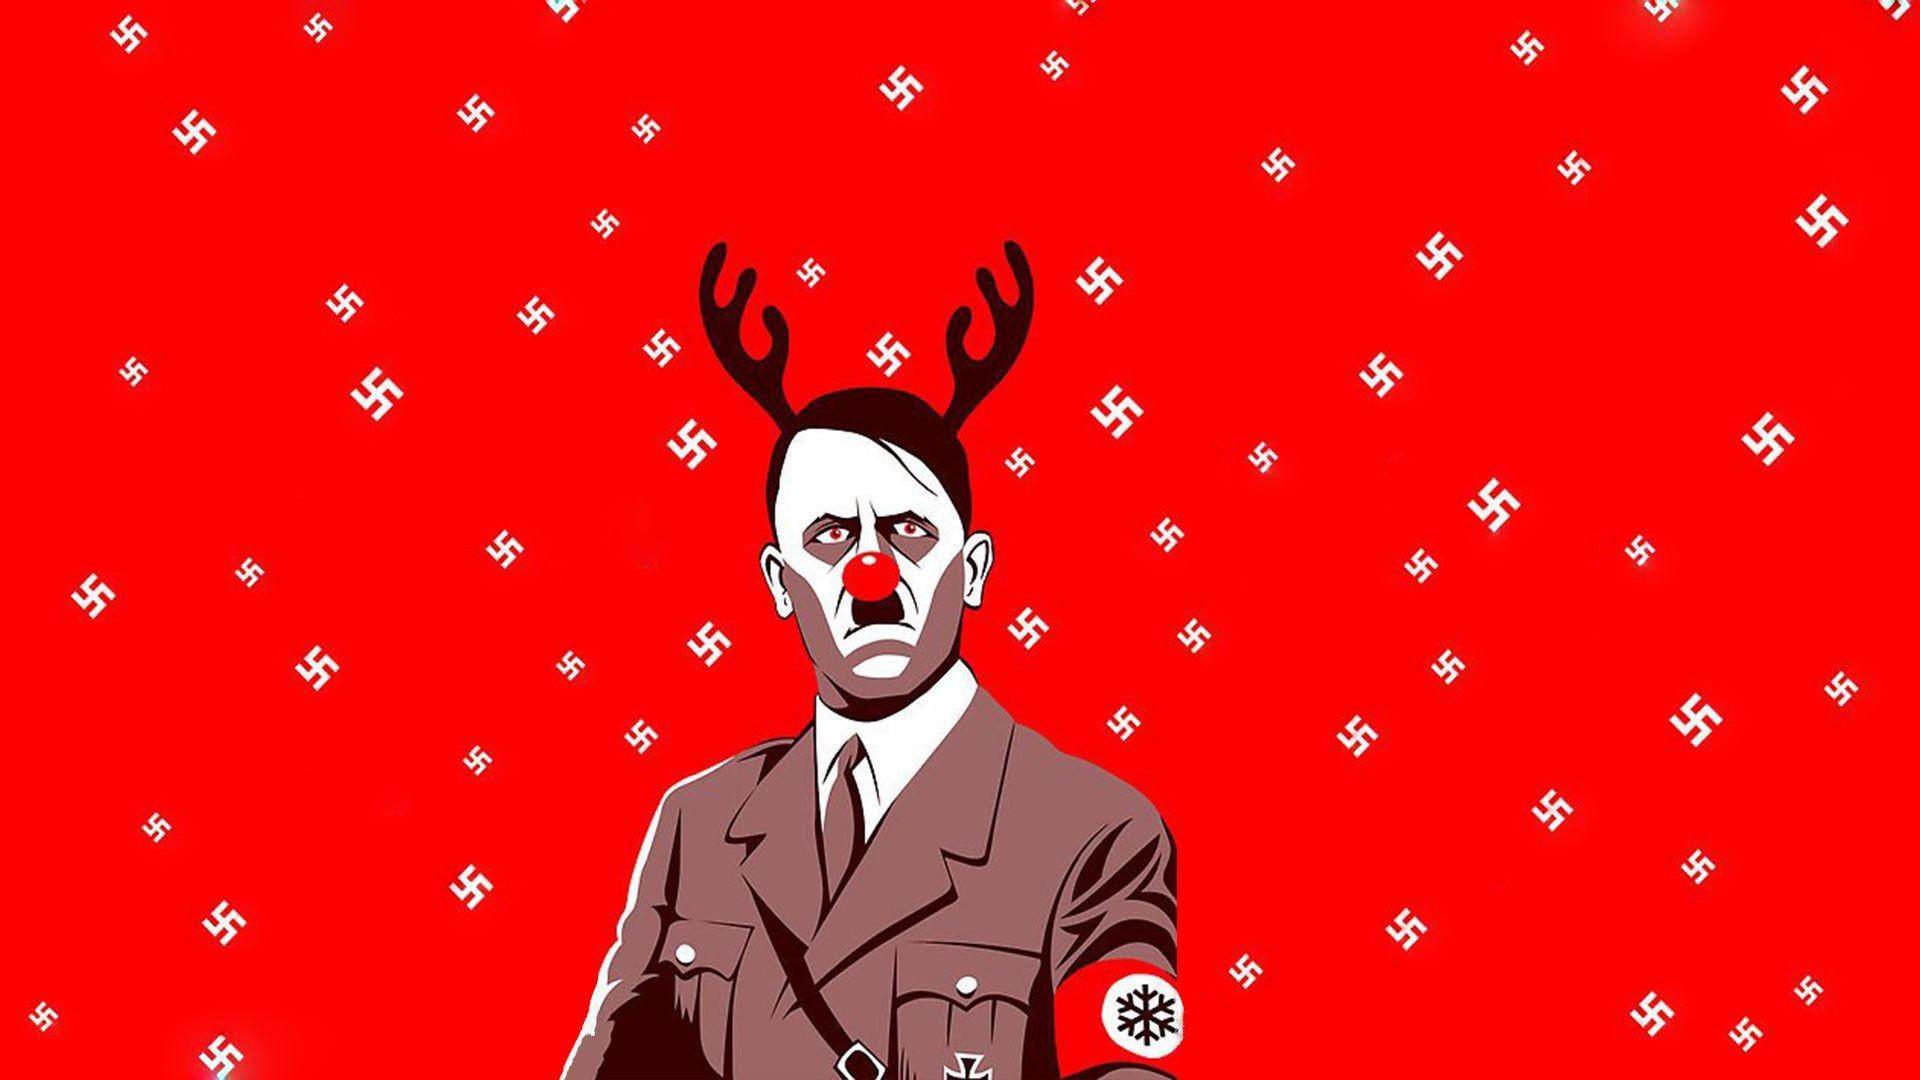 Res: 1920x1080, Rudolph Hitler wallpaper • meh.ro